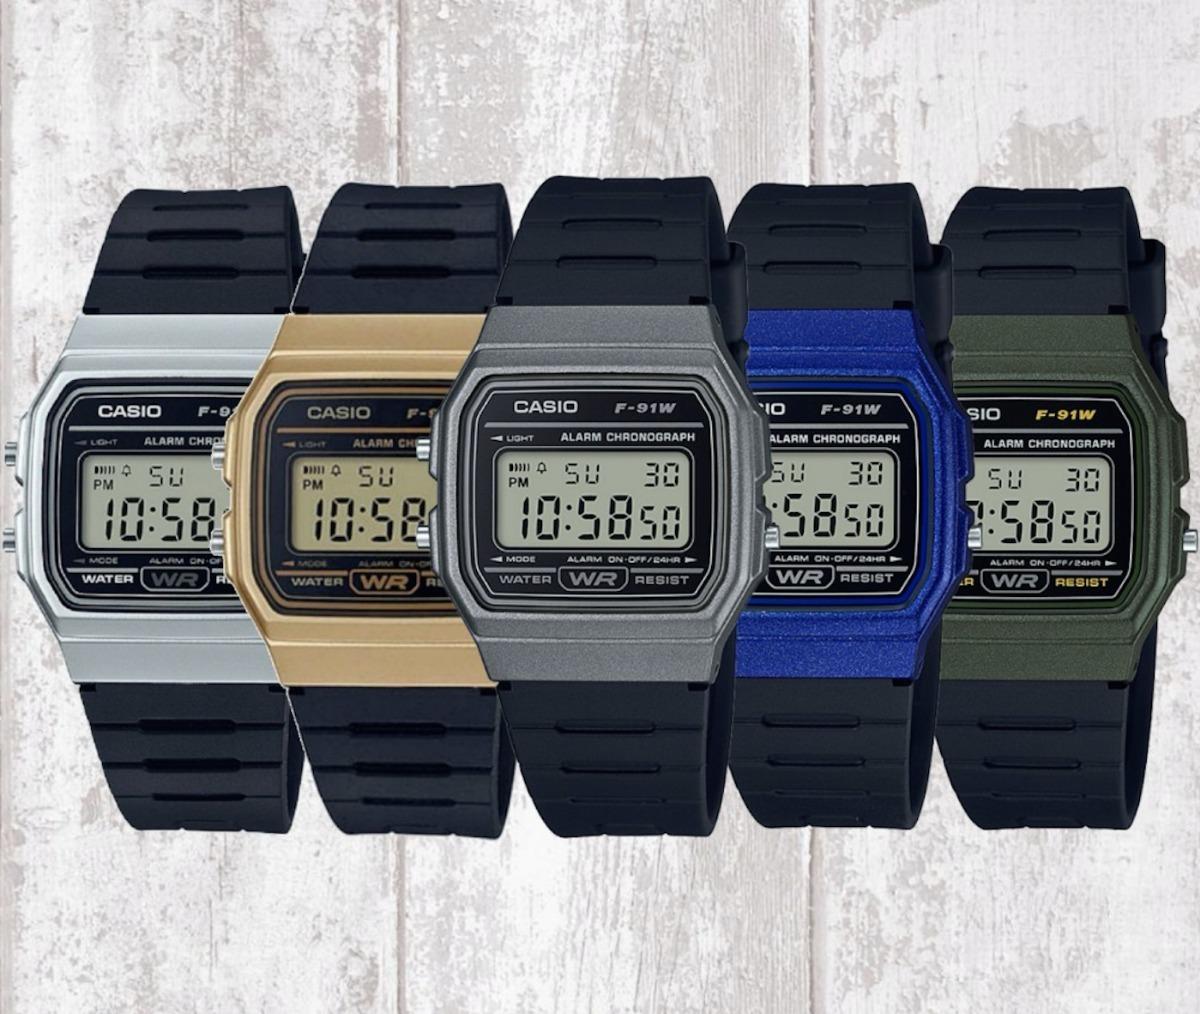 bb9ec3ec66c5 reloj casio clasico f91 vintage dorado original envío gratis. Cargando zoom.